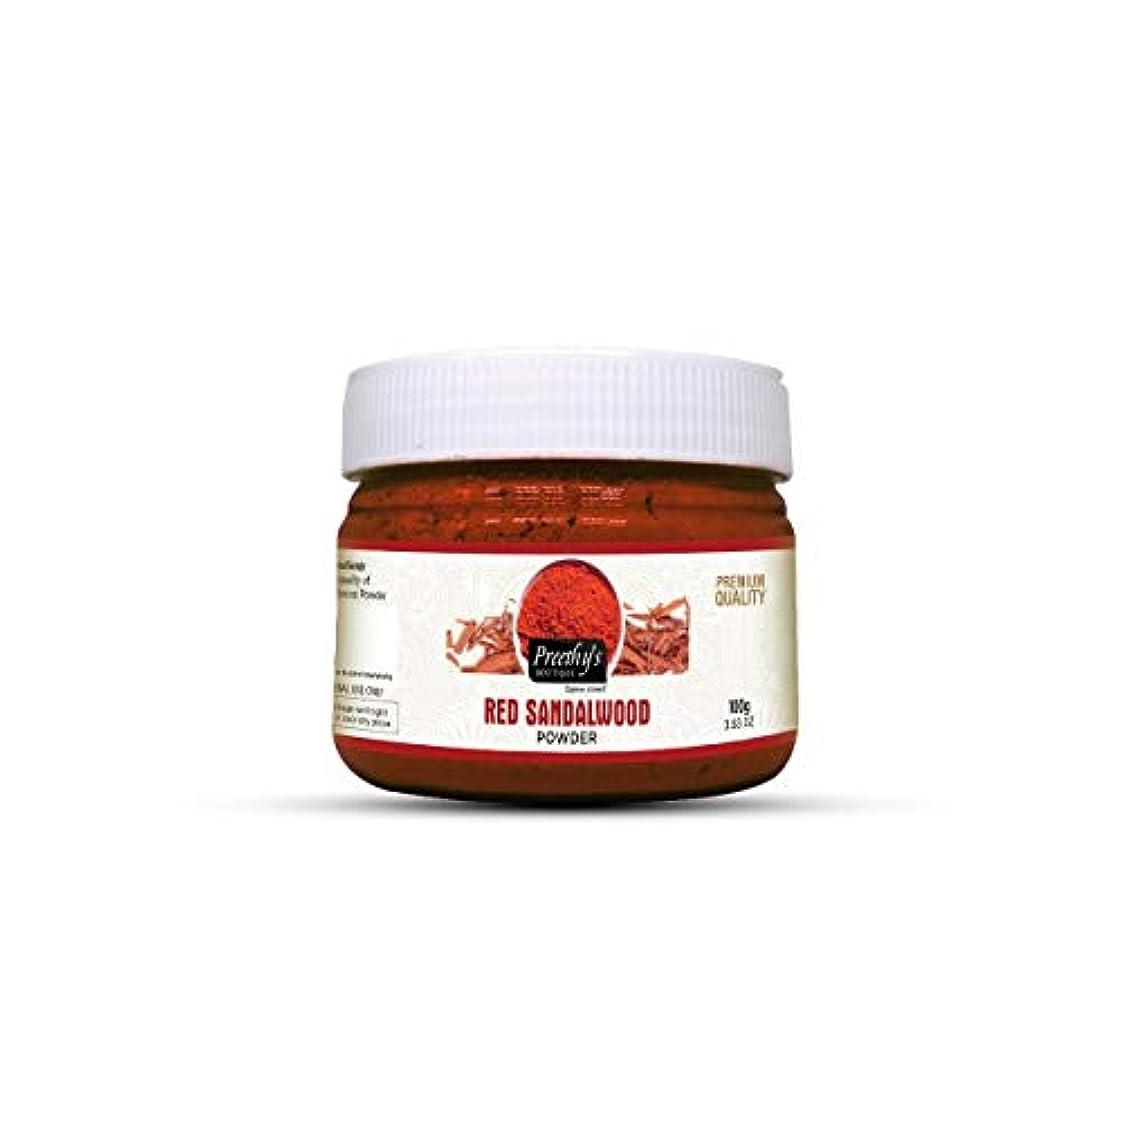 新着評議会素子Premium Quality Ayurvedic Natural Red Sandalwood Powder (Raktha Chandan) - 100Gm - Anti marks & Spot removal - Anti acne & Pimple - プレミアム品質のアーユルヴェーダナチュラルレッドサンダルウッドパウダー(ラクサチャンダン)-100Gm-アンチマーク&スポット除去-アンチニキビ&にきび